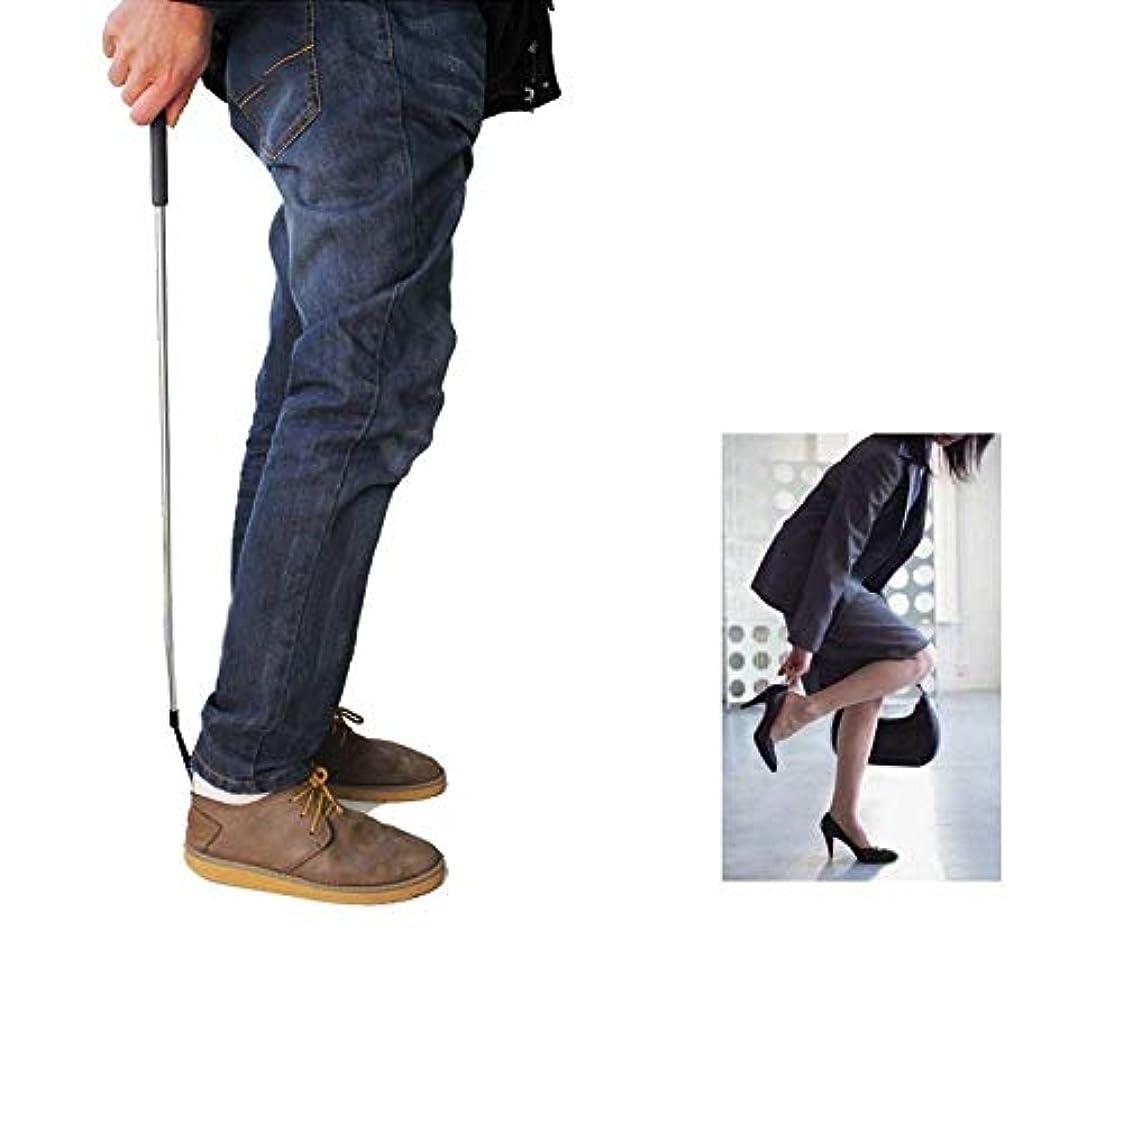 レガシー頬放牧するPichidr-JP 靴べら シューホーン くつべら 靴 長ヘラ 携帯 伸縮自在 シューケア ロング 軽量 高齢者 靴の角拡張可能&折りたたみ 男性女性靴